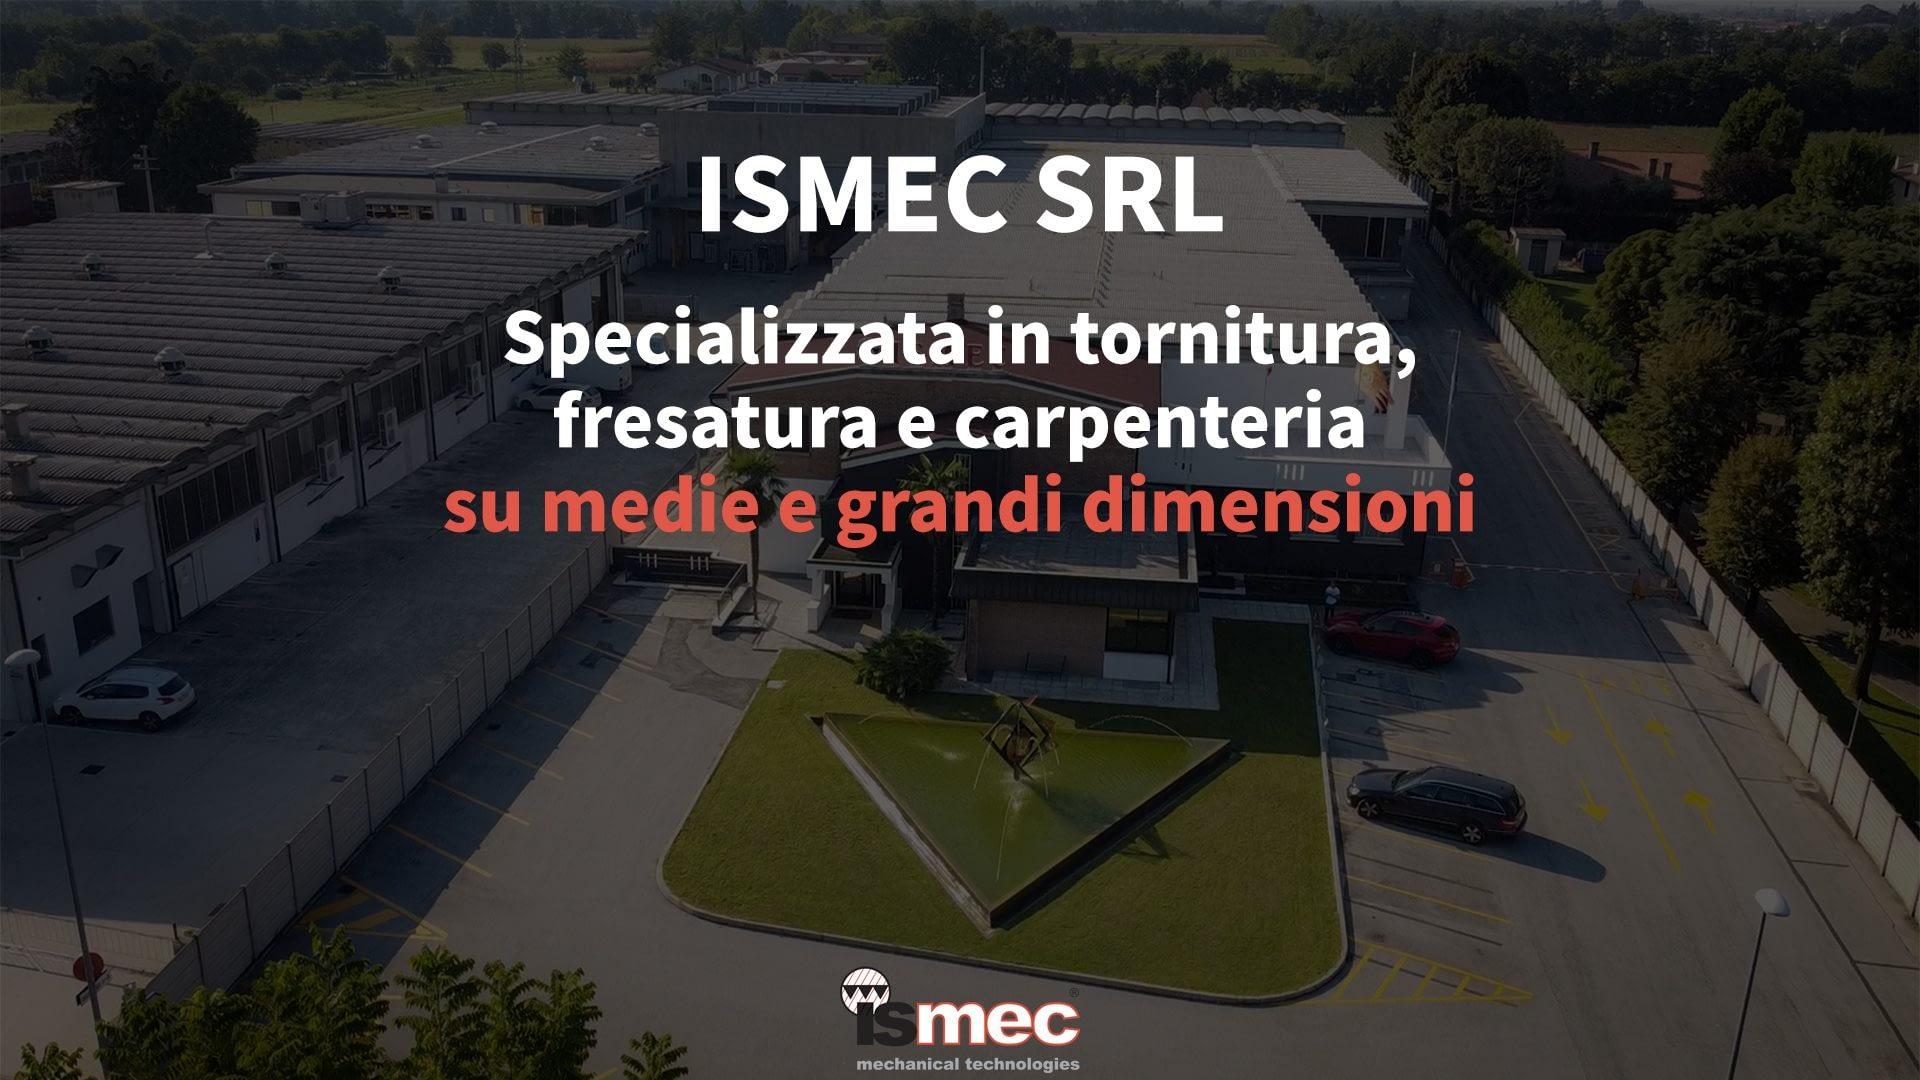 Copertina presentazione ISMEC